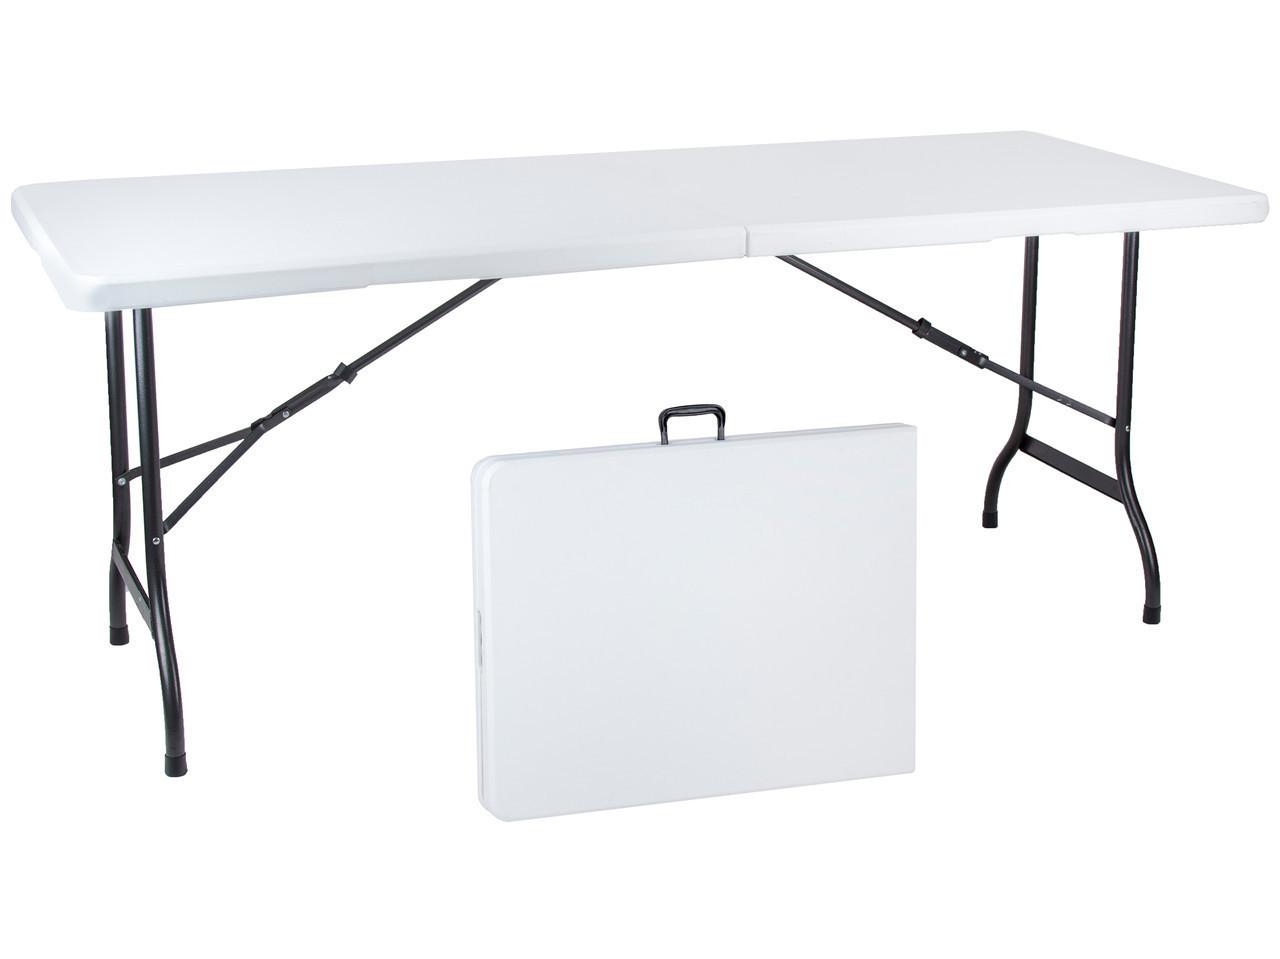 Садовая мебель 183 см